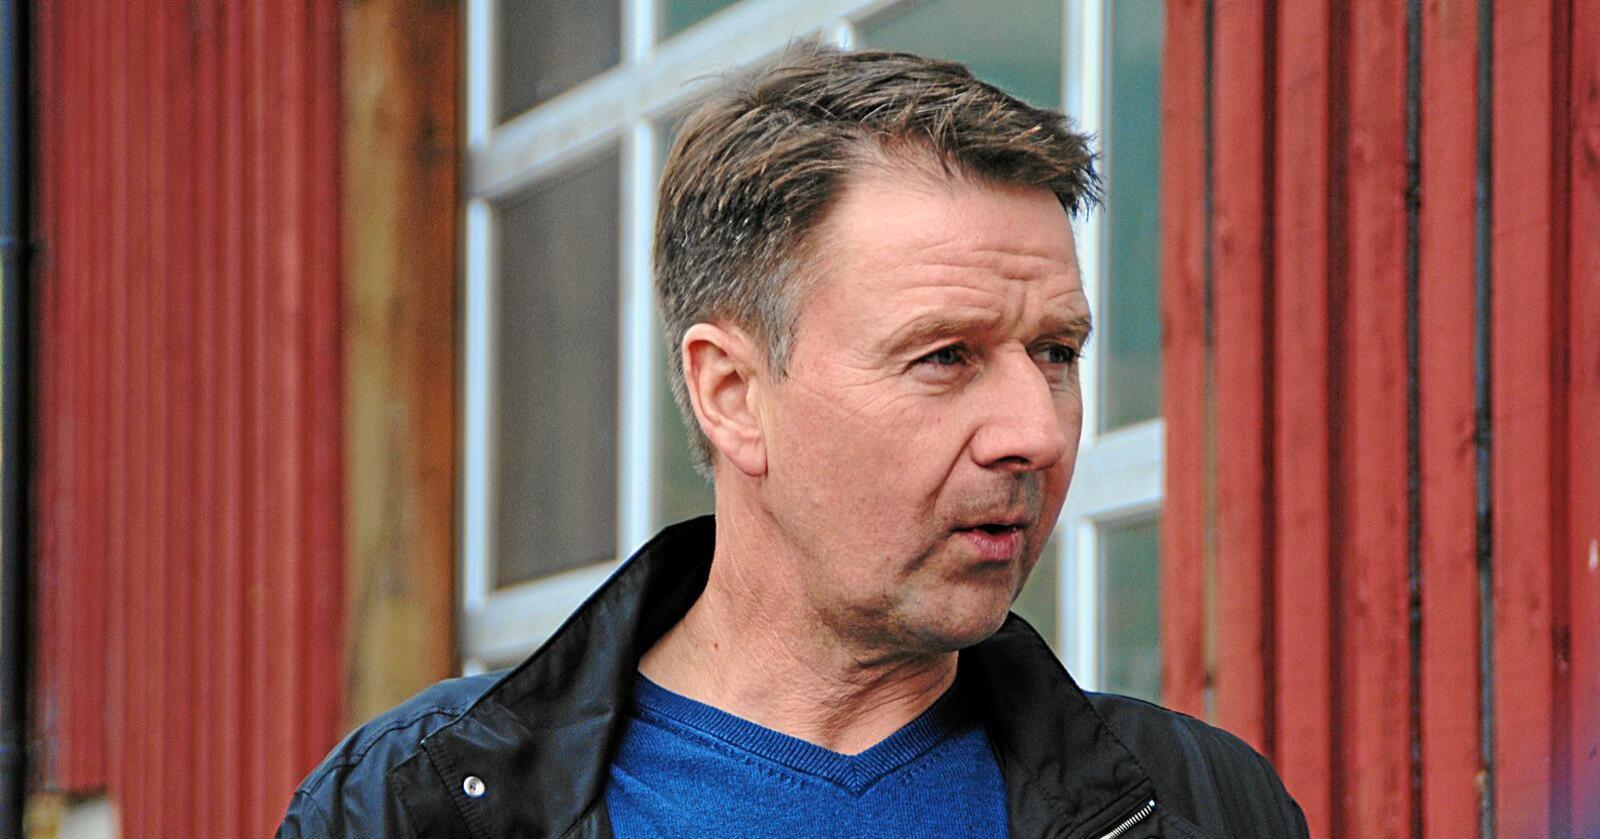 Leder i Norges Bondelag, Lars Petter Bartnes, frykter for arbeidsplassene hvis Norge gir Storbritannia egne eksportkvoter på landbruksvarer til Norge.